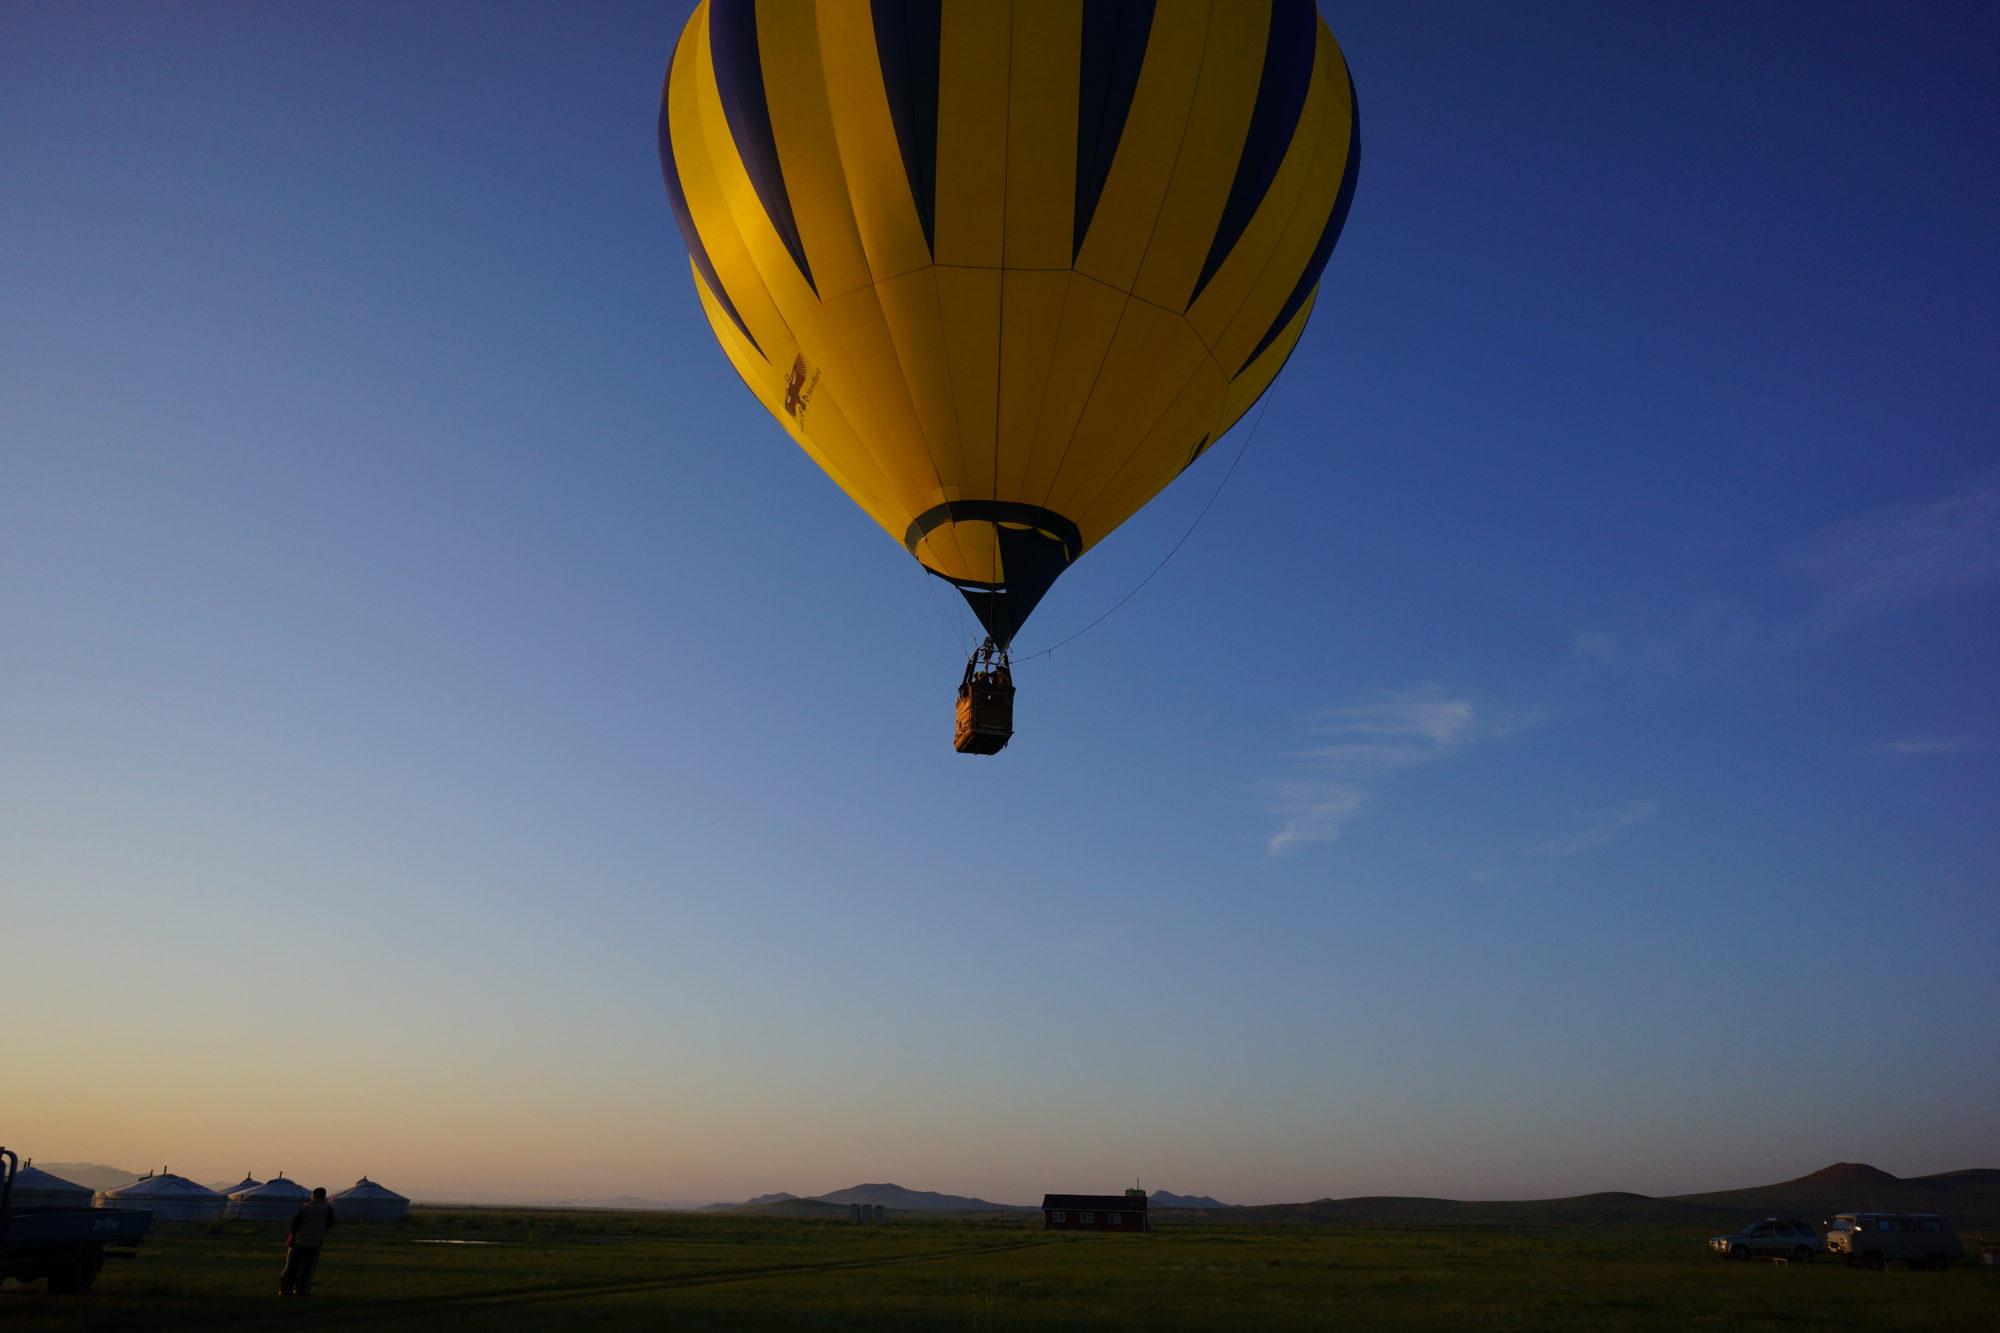 モンゴル6日間 大草原で乗馬・熱気球とカラコルム観光